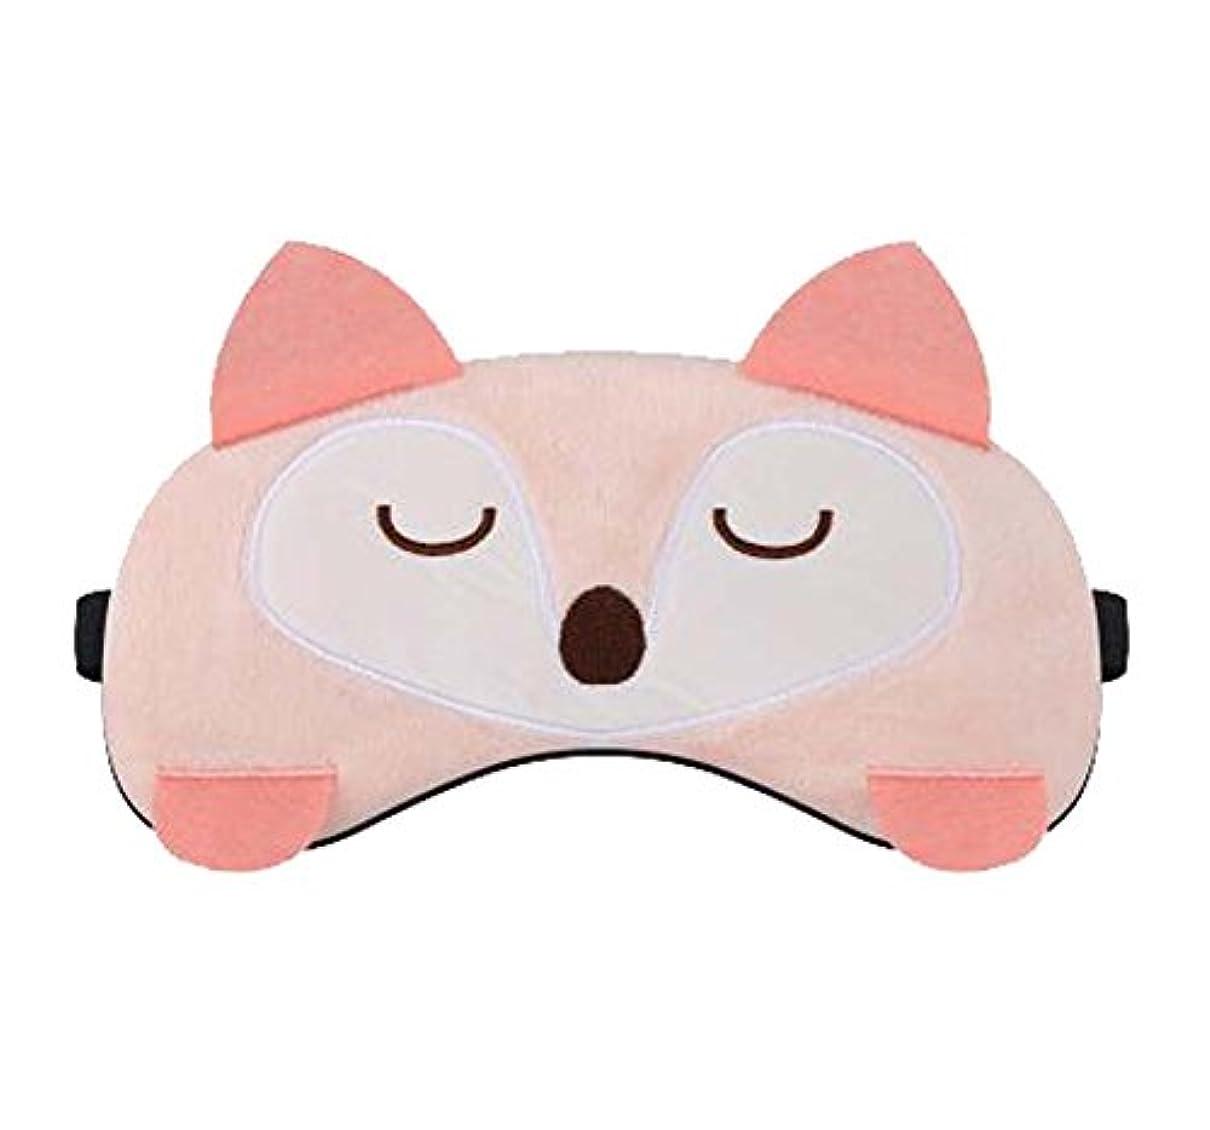 説明良心的メジャーかわいい睡眠マスクアイマスク - セラピー不眠症 - 男性、女性、女の子、子供、A